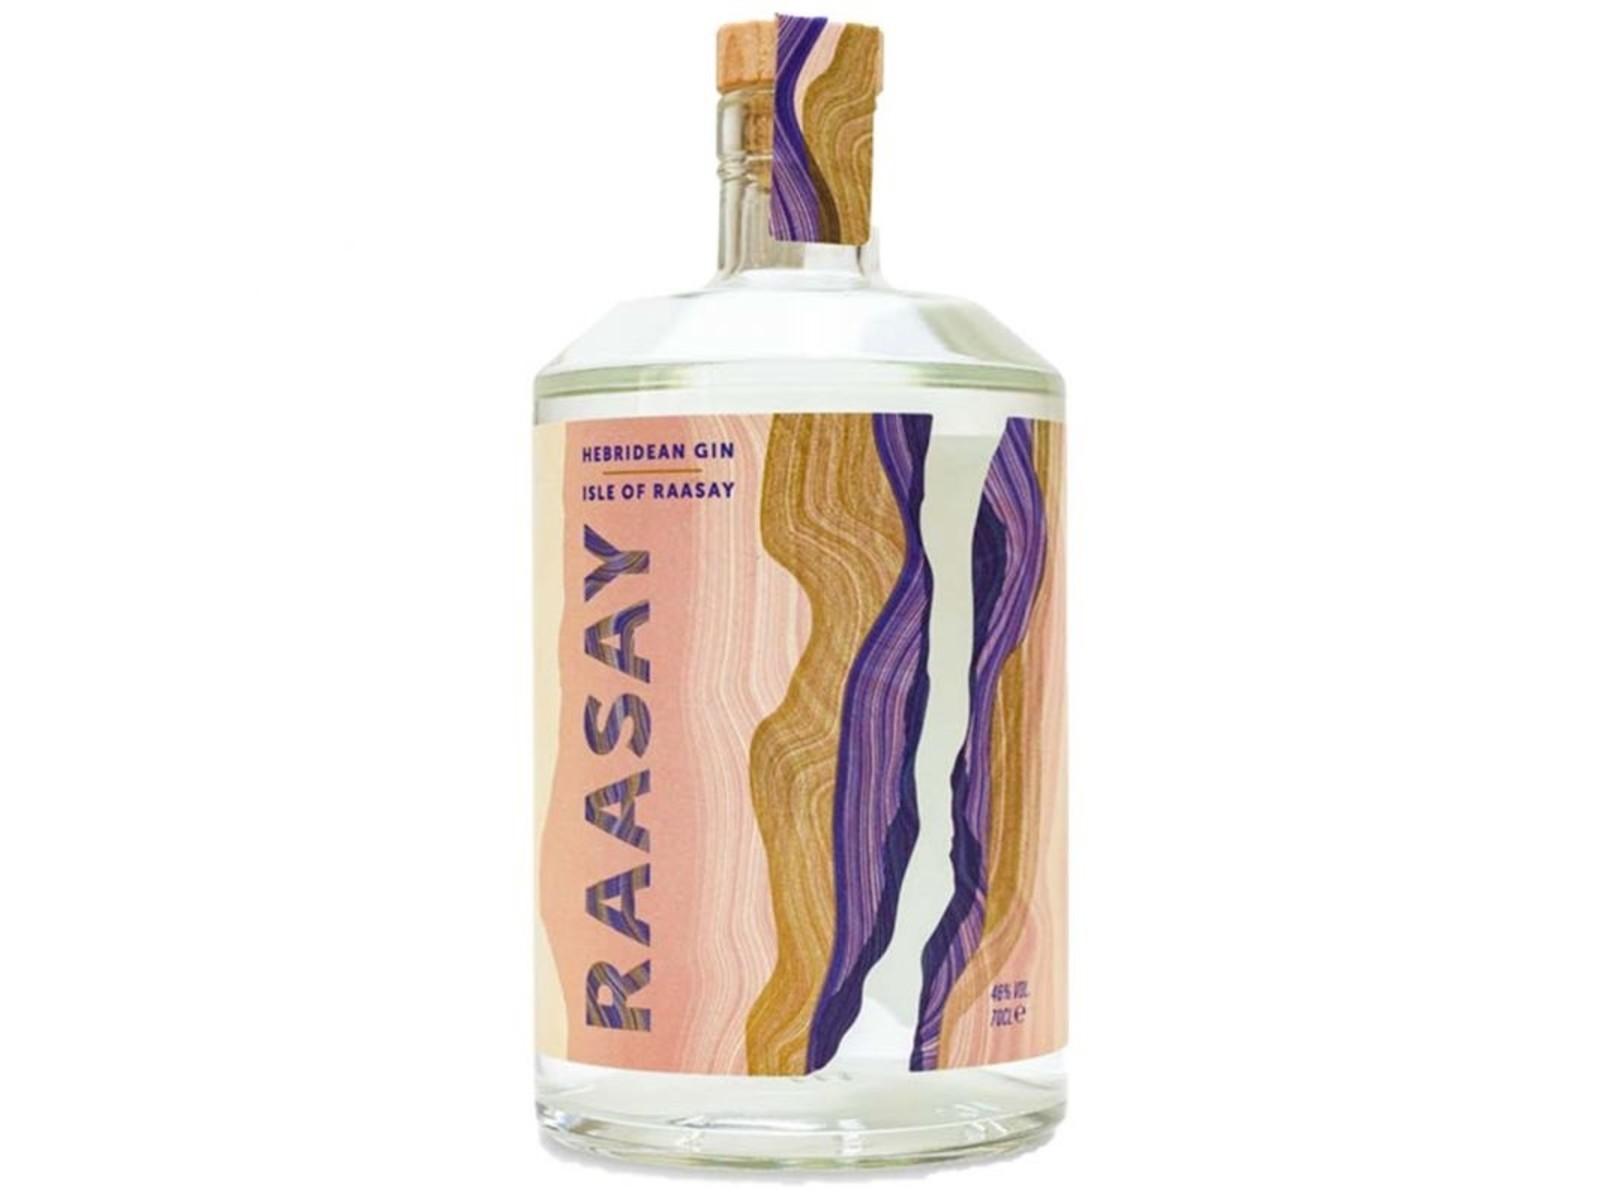 Isle of Raasay Isle of Raasay / Gin